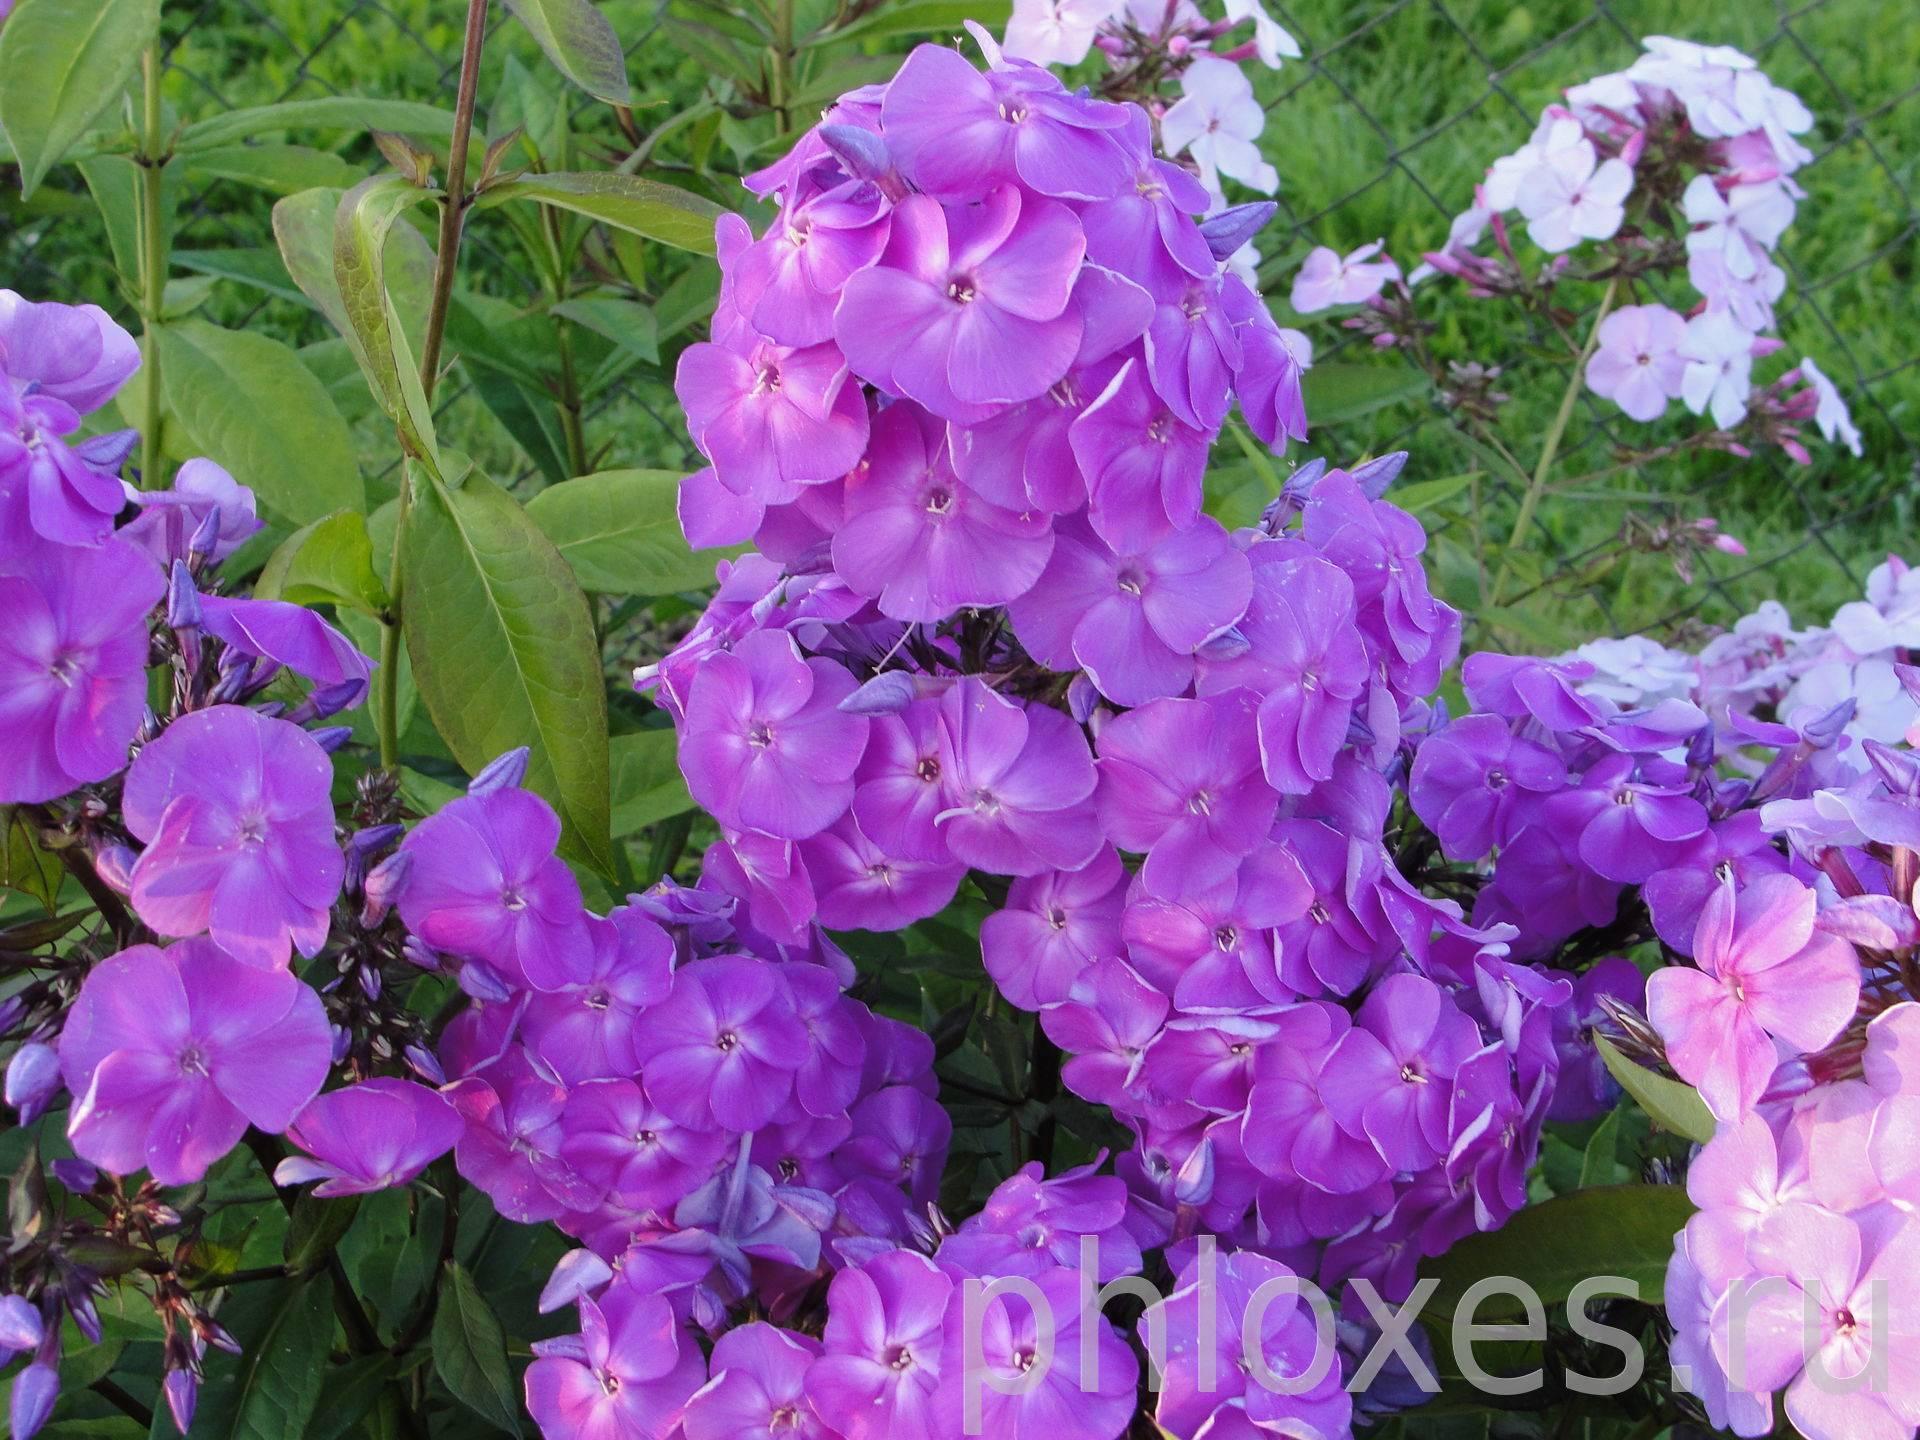 Многолетние флоксы: размножение черенками + семенами + делением куста & правильный уход > фото + видео цветов